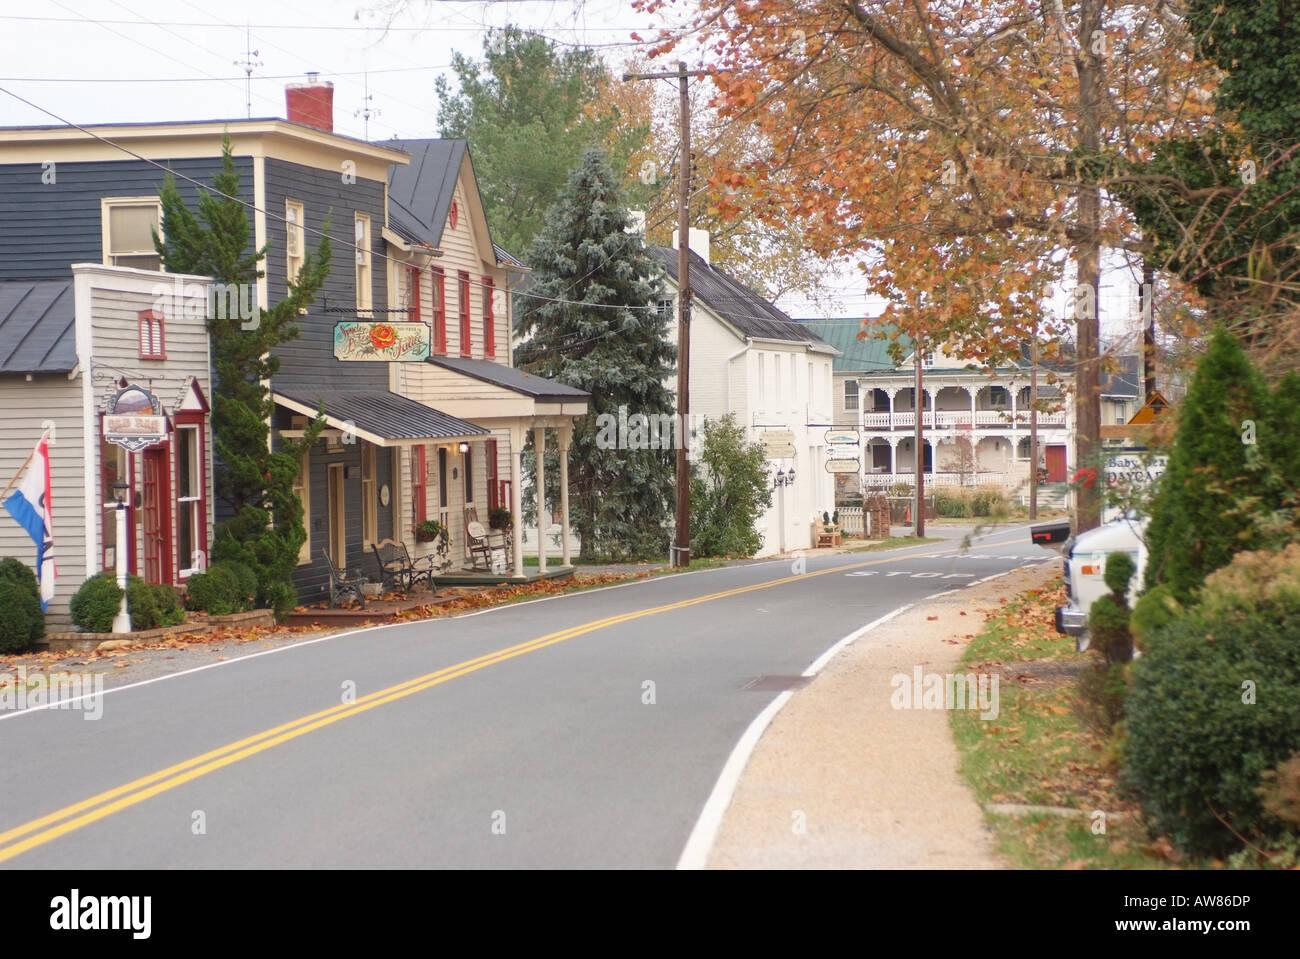 USA Sperryville VA Street scene Stock Photo